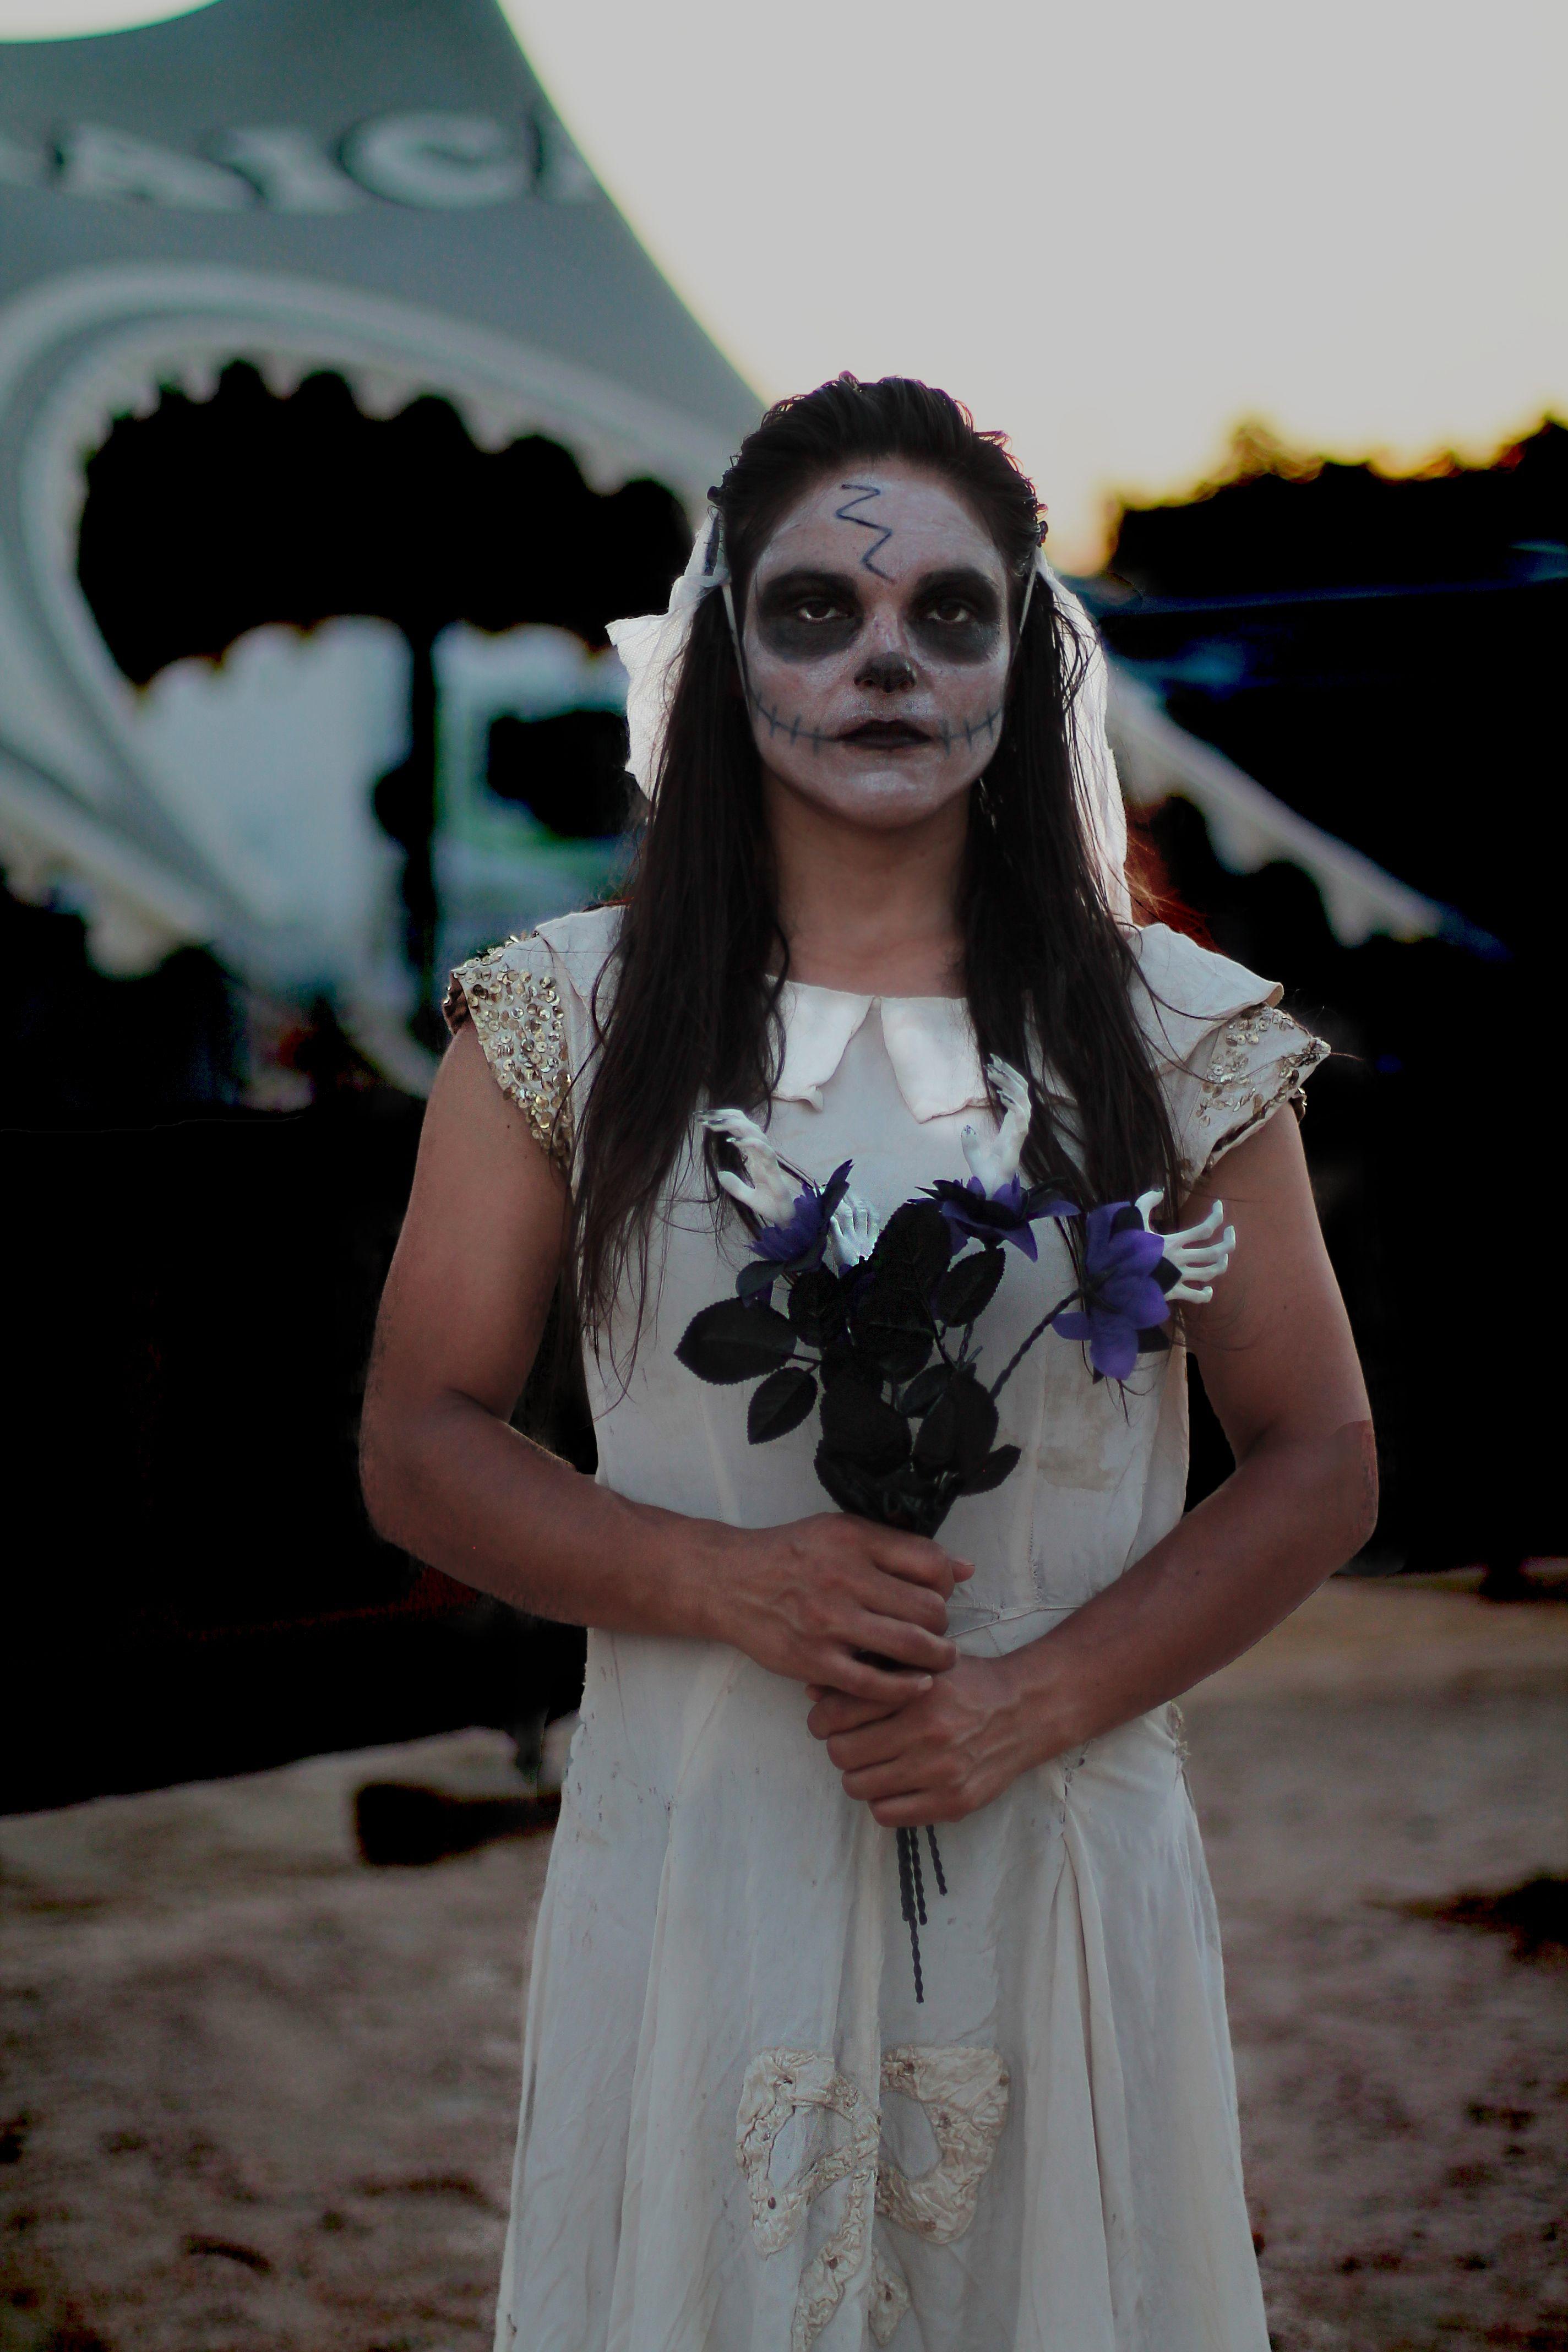 Foto 8 de Actuaciones artísticas y musicales en  | Circo Del Terror Familiar